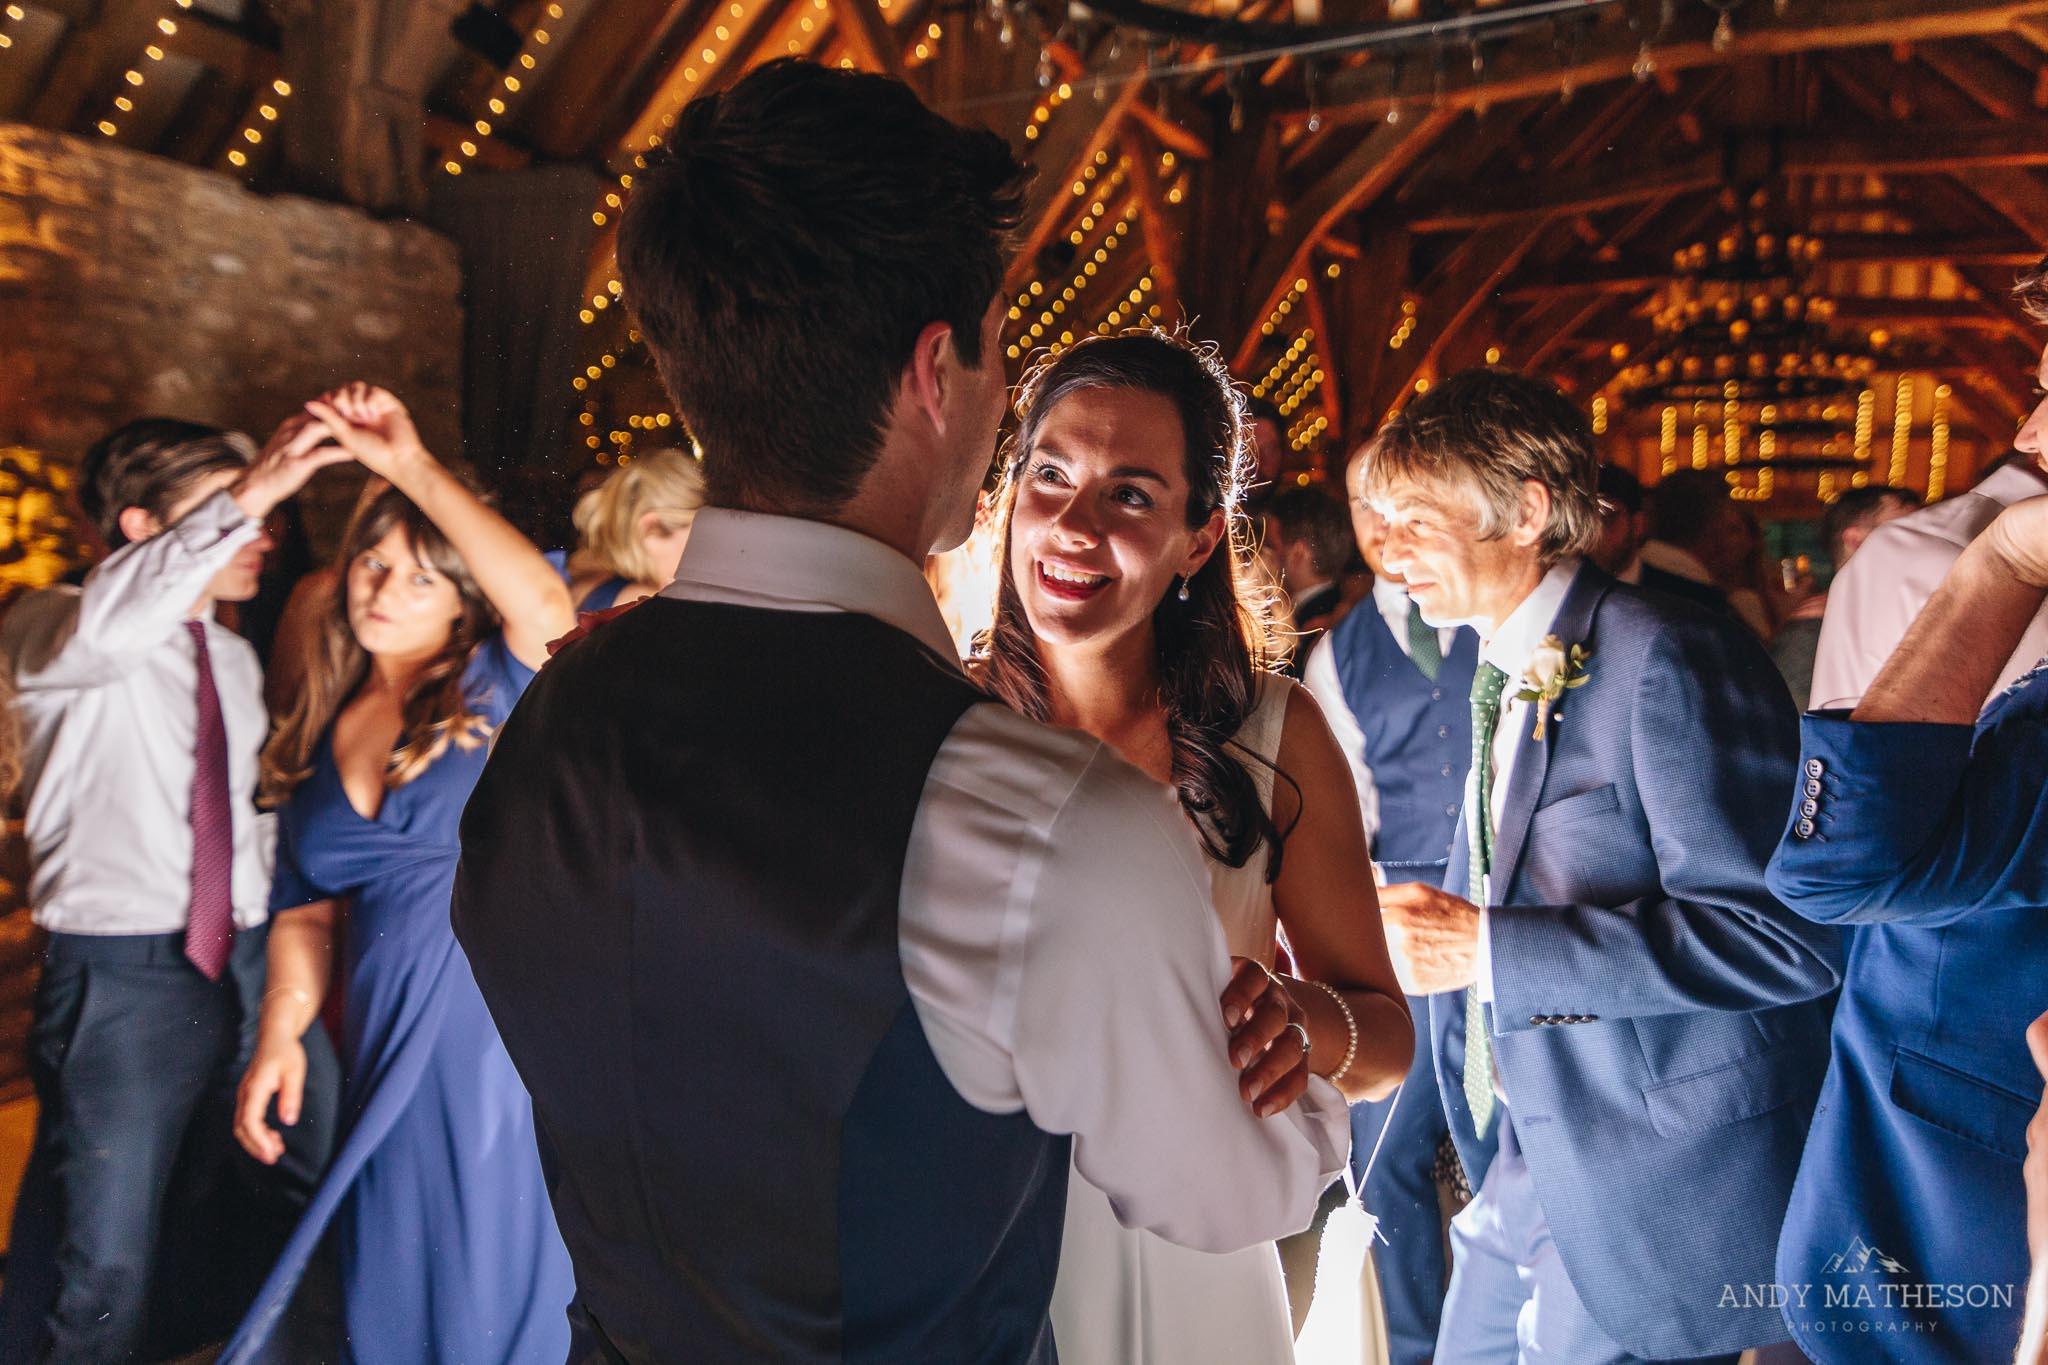 Tithe Barn Bolton Abbey Wedding Photographer_Andy Matheson_092.jpg